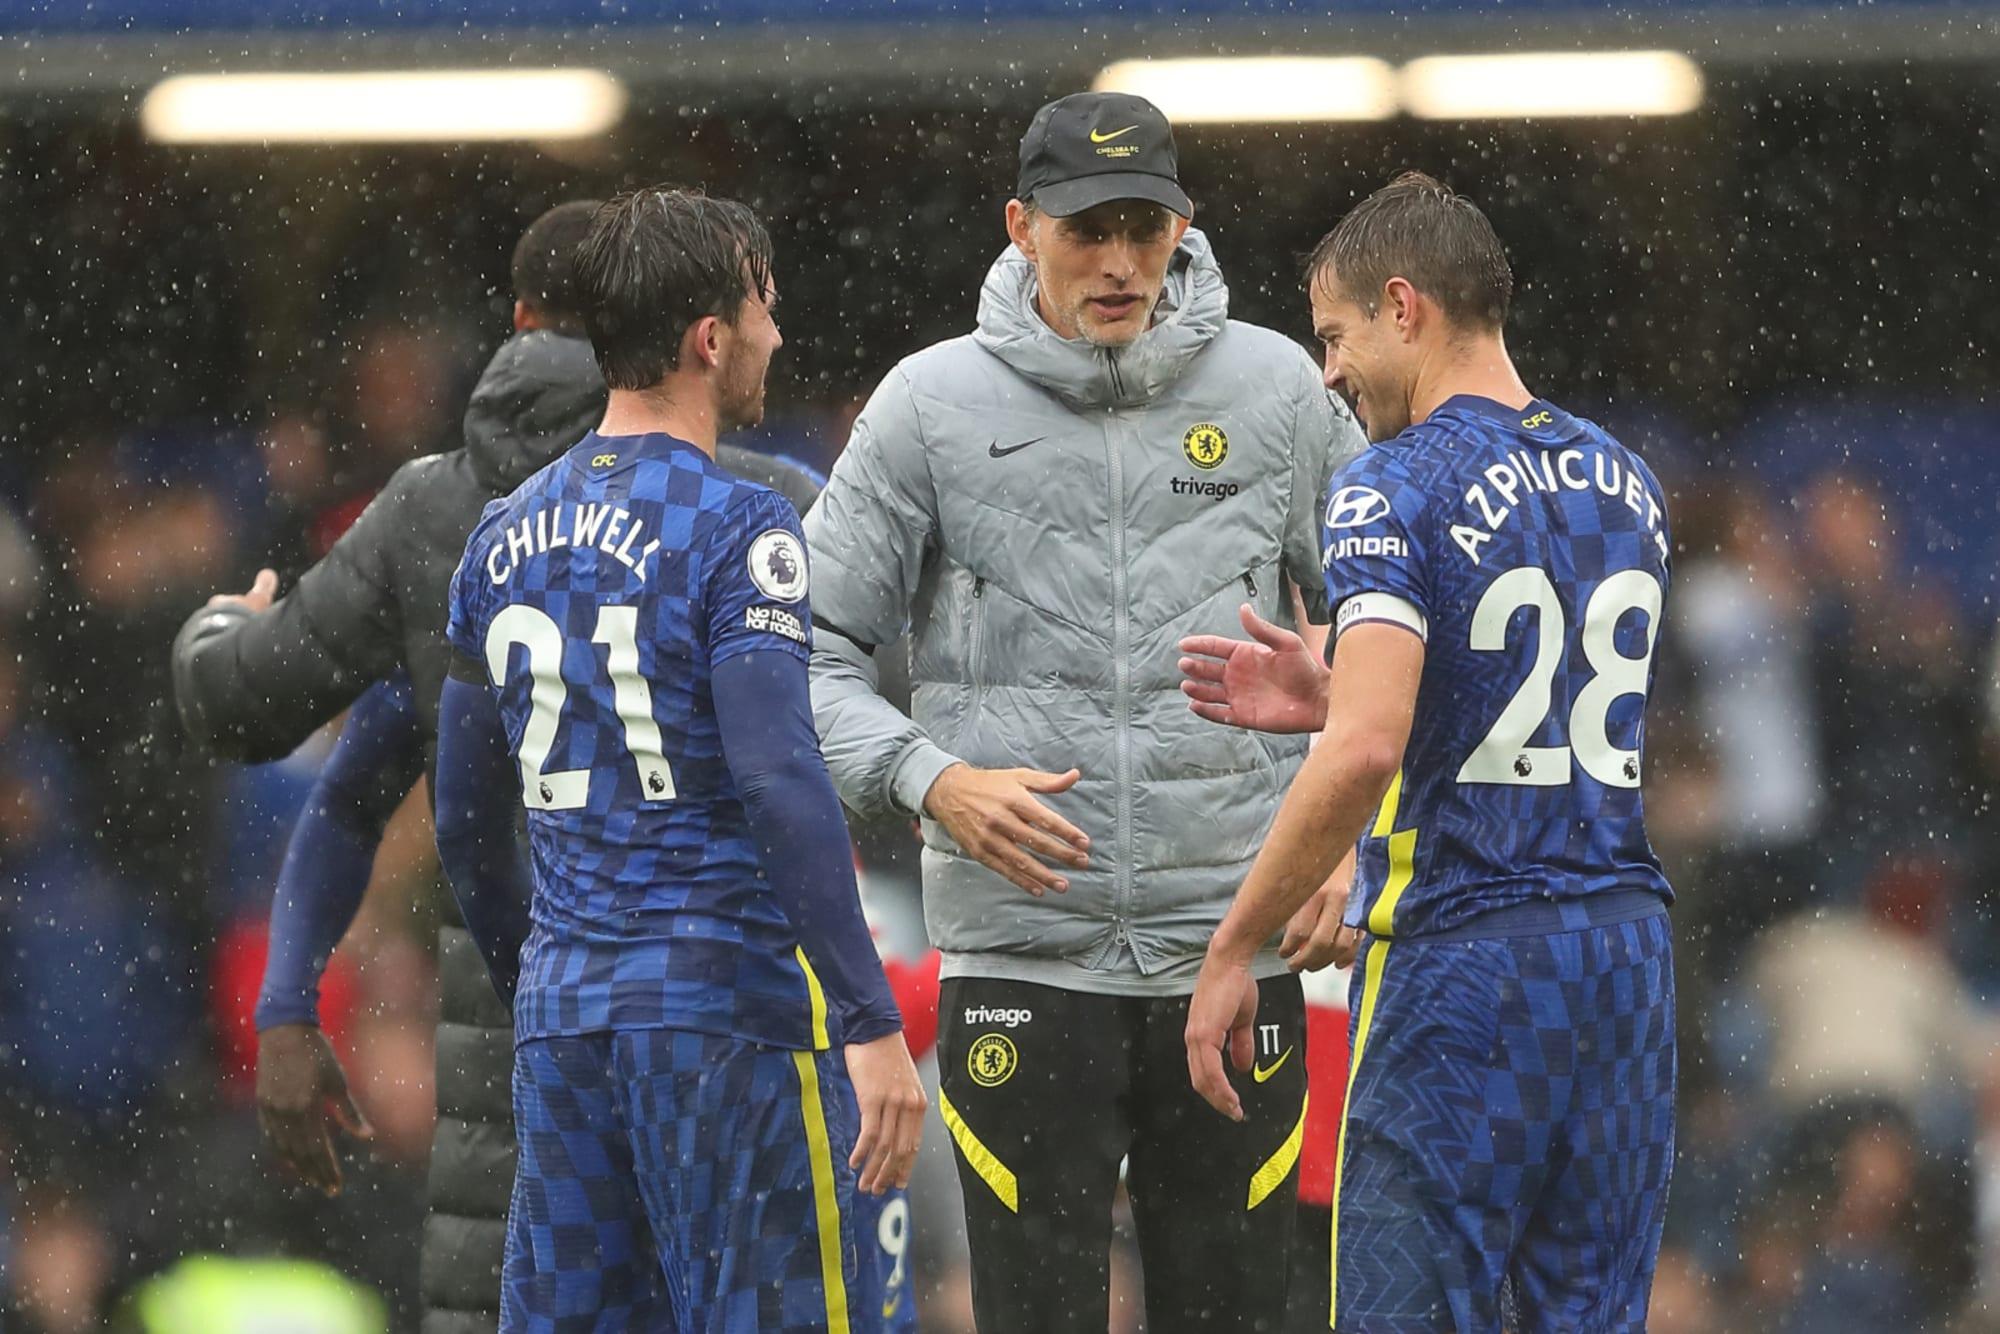 Chelsea faces a tough test against a flexible Brentford side